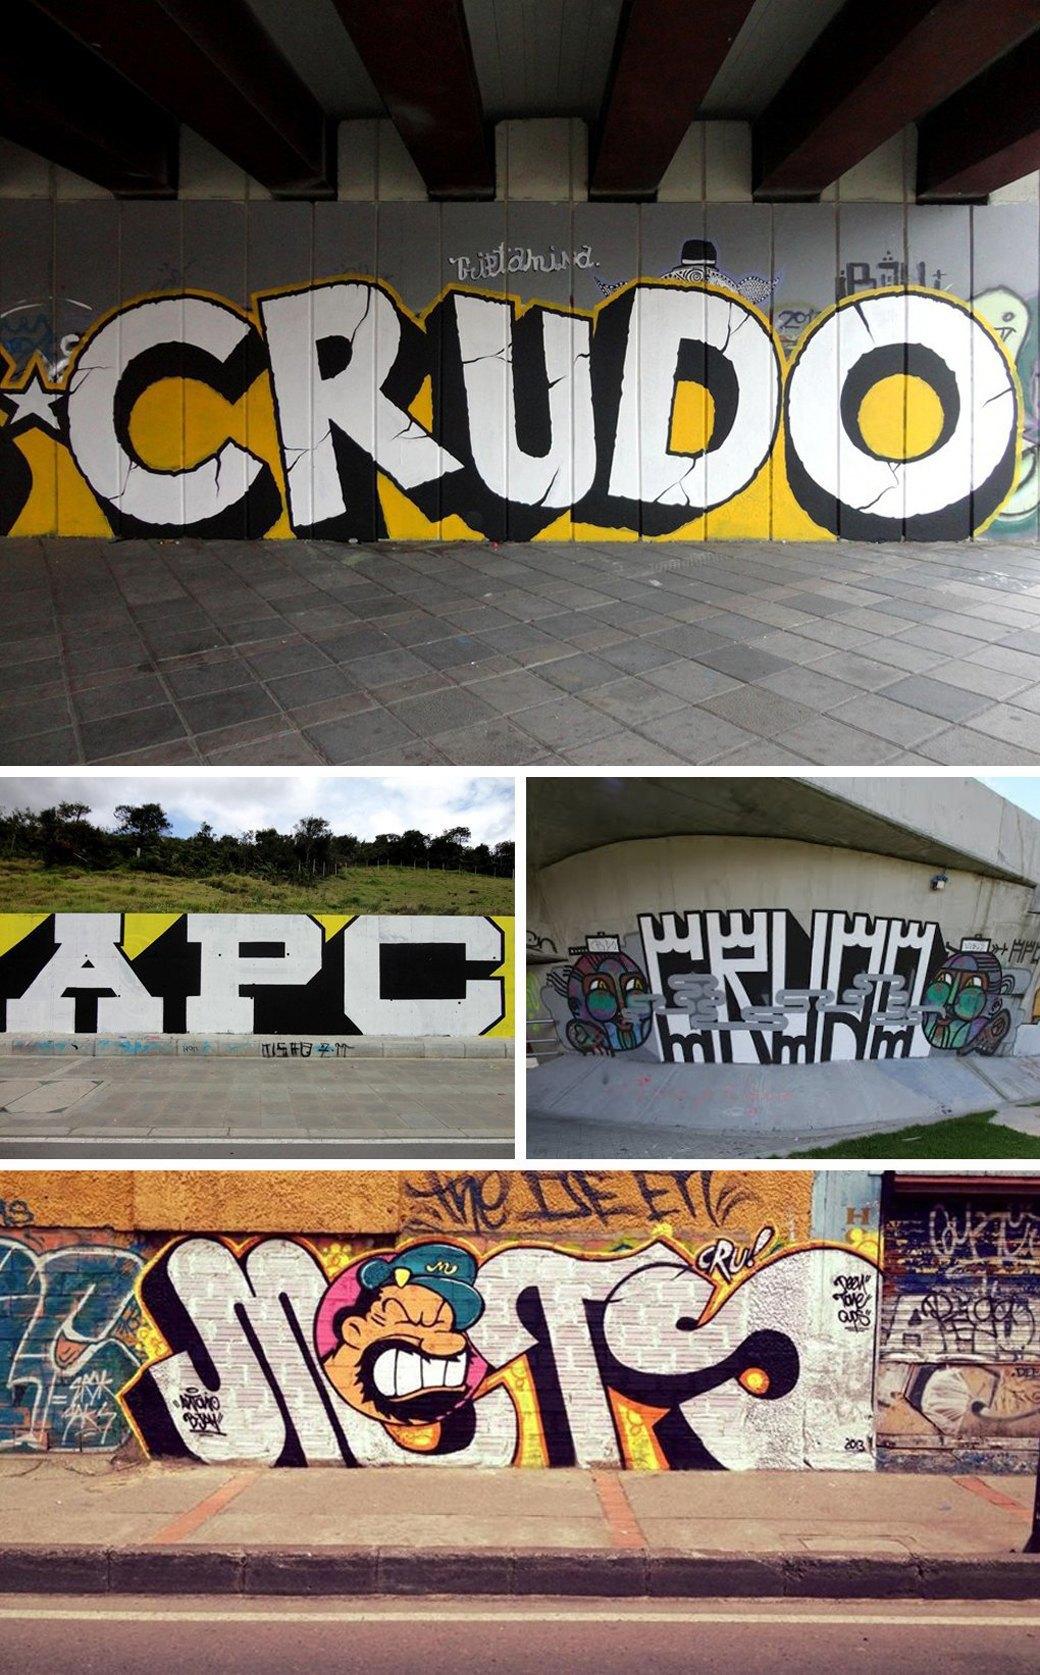 Гид по граффити в странах третьего мира. Изображение № 1.